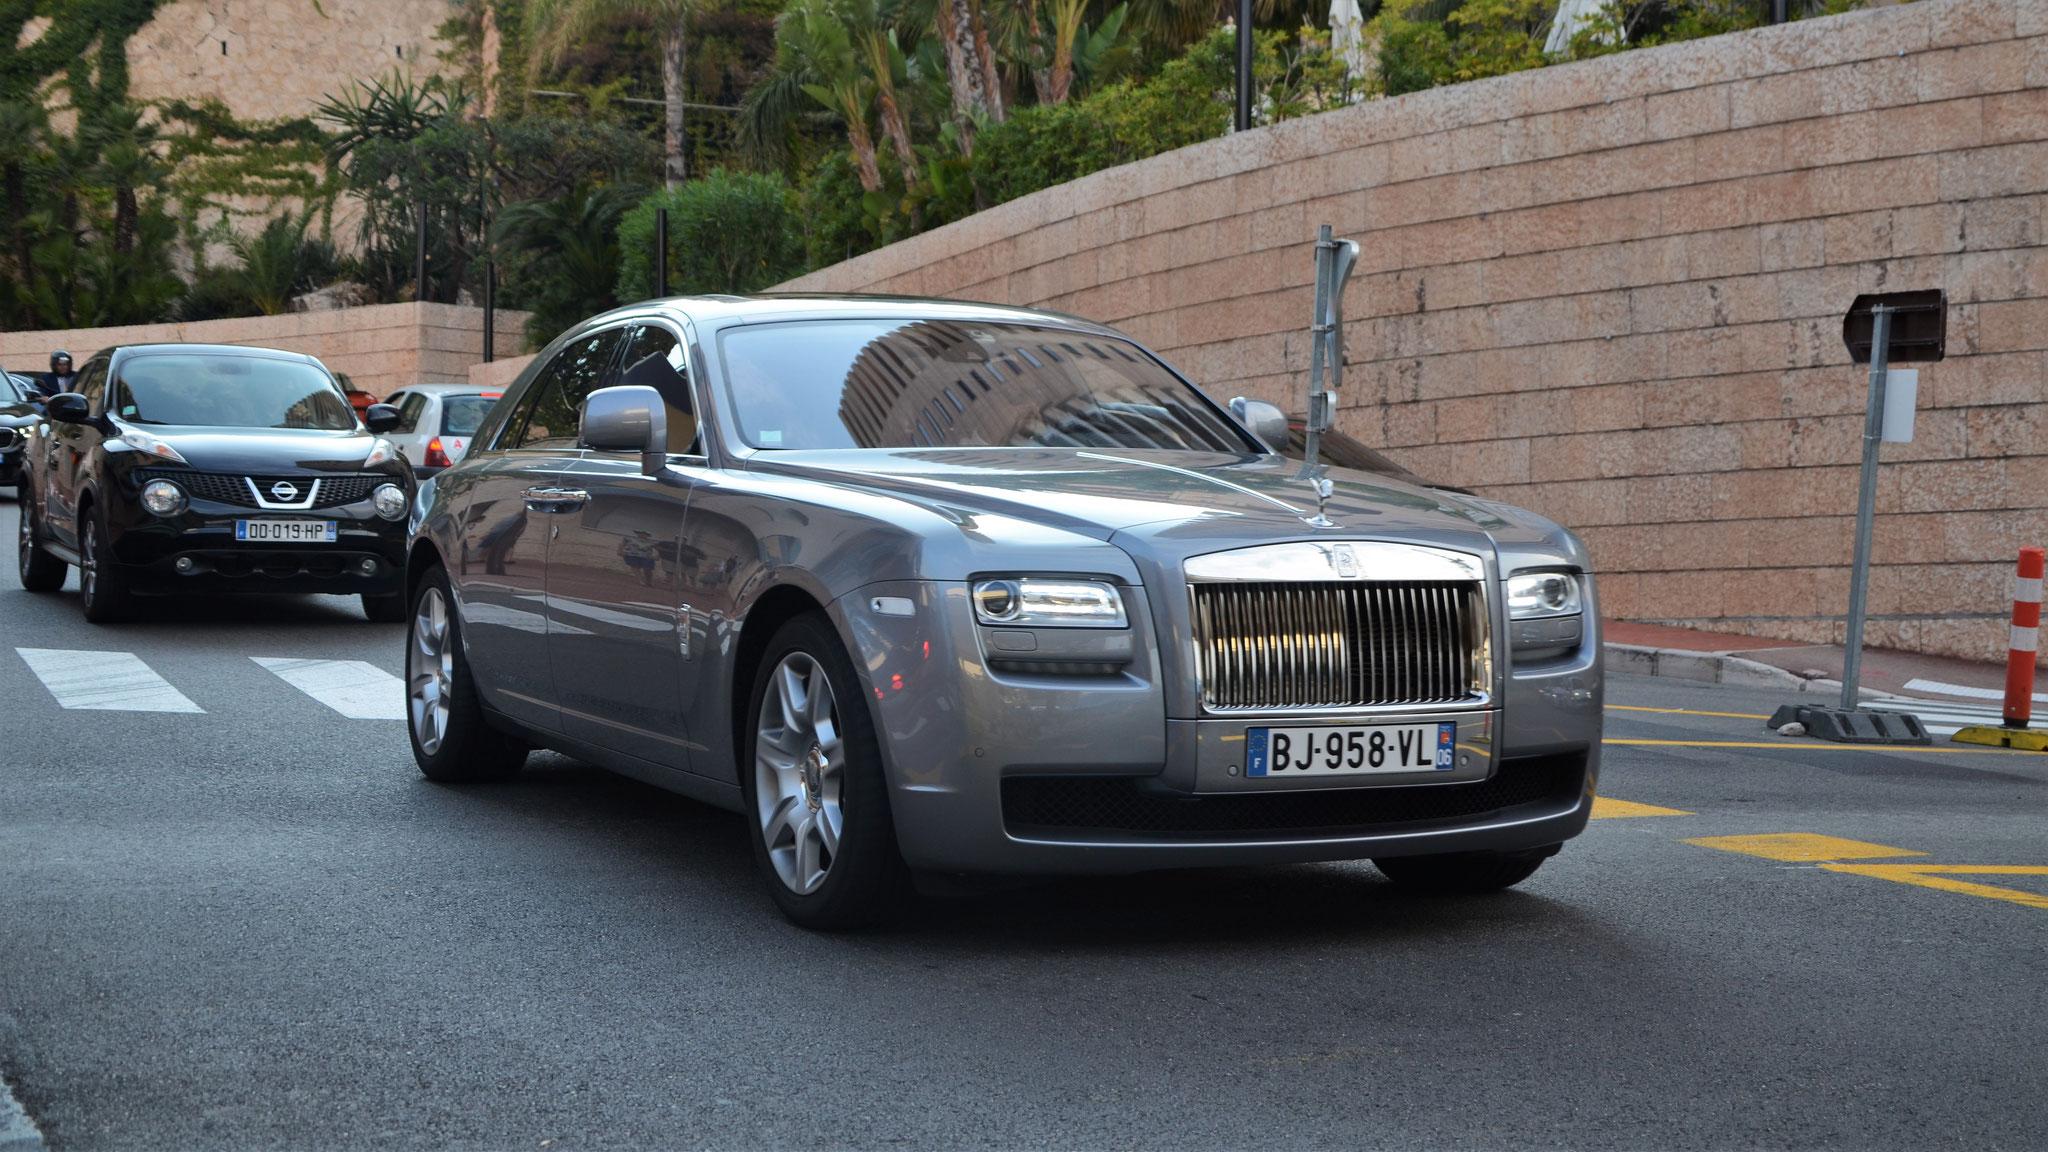 Rolls Royce Ghost - BJ-958-VL-06 (FRA)